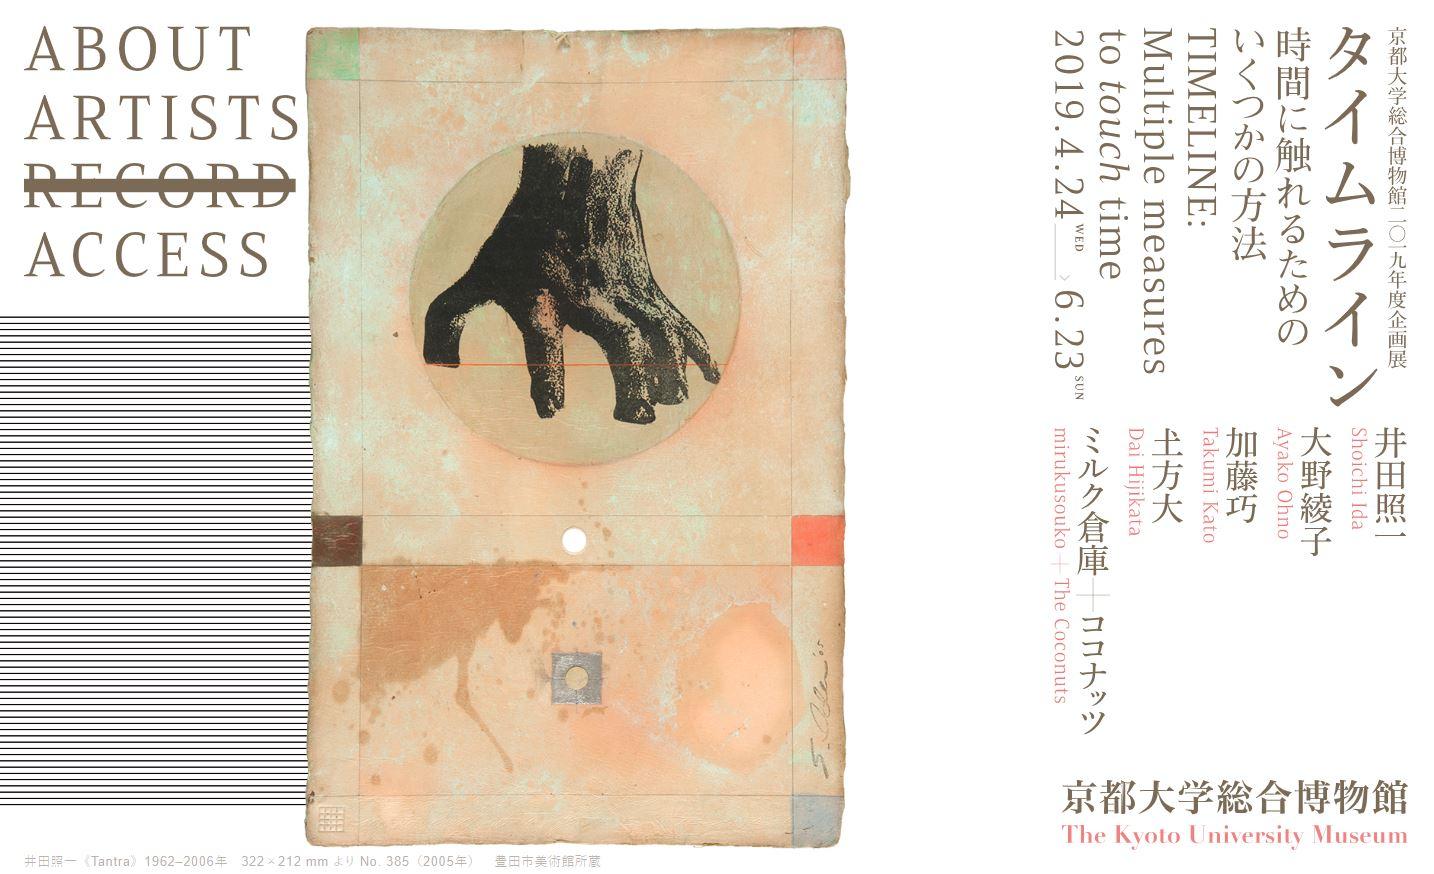 京都大学総合博物館2019年度企画展 「タイムライン 時間に触れるためのいくつかの方法」